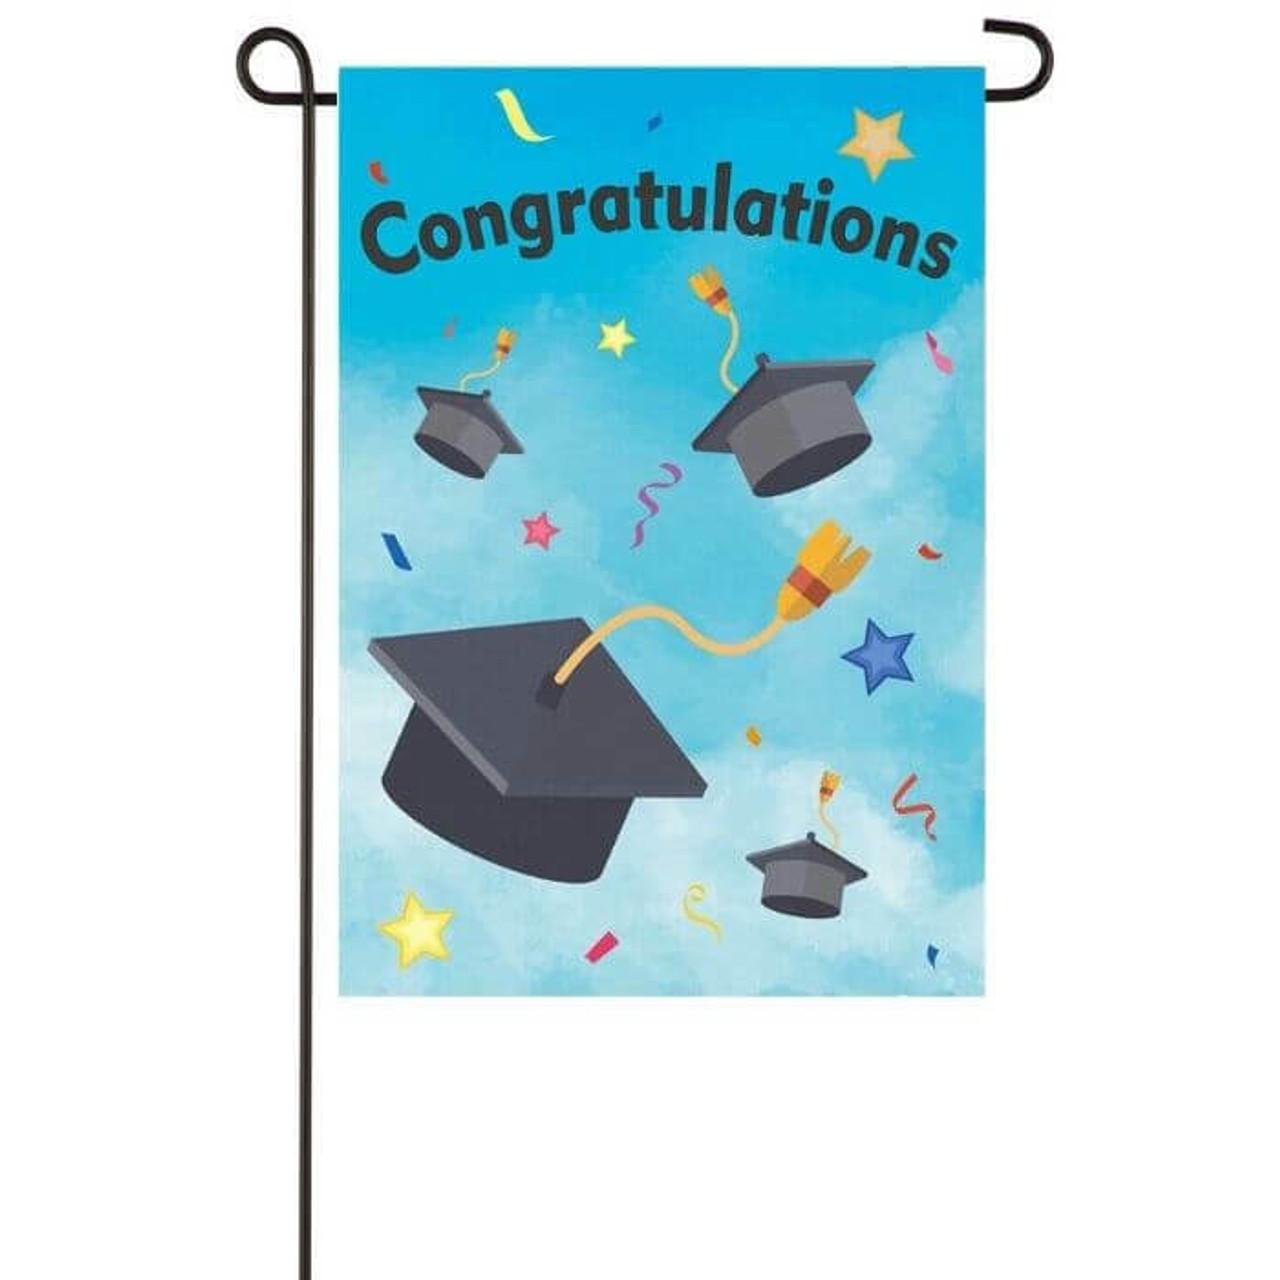 Congratulation Garden Flag for Graduates